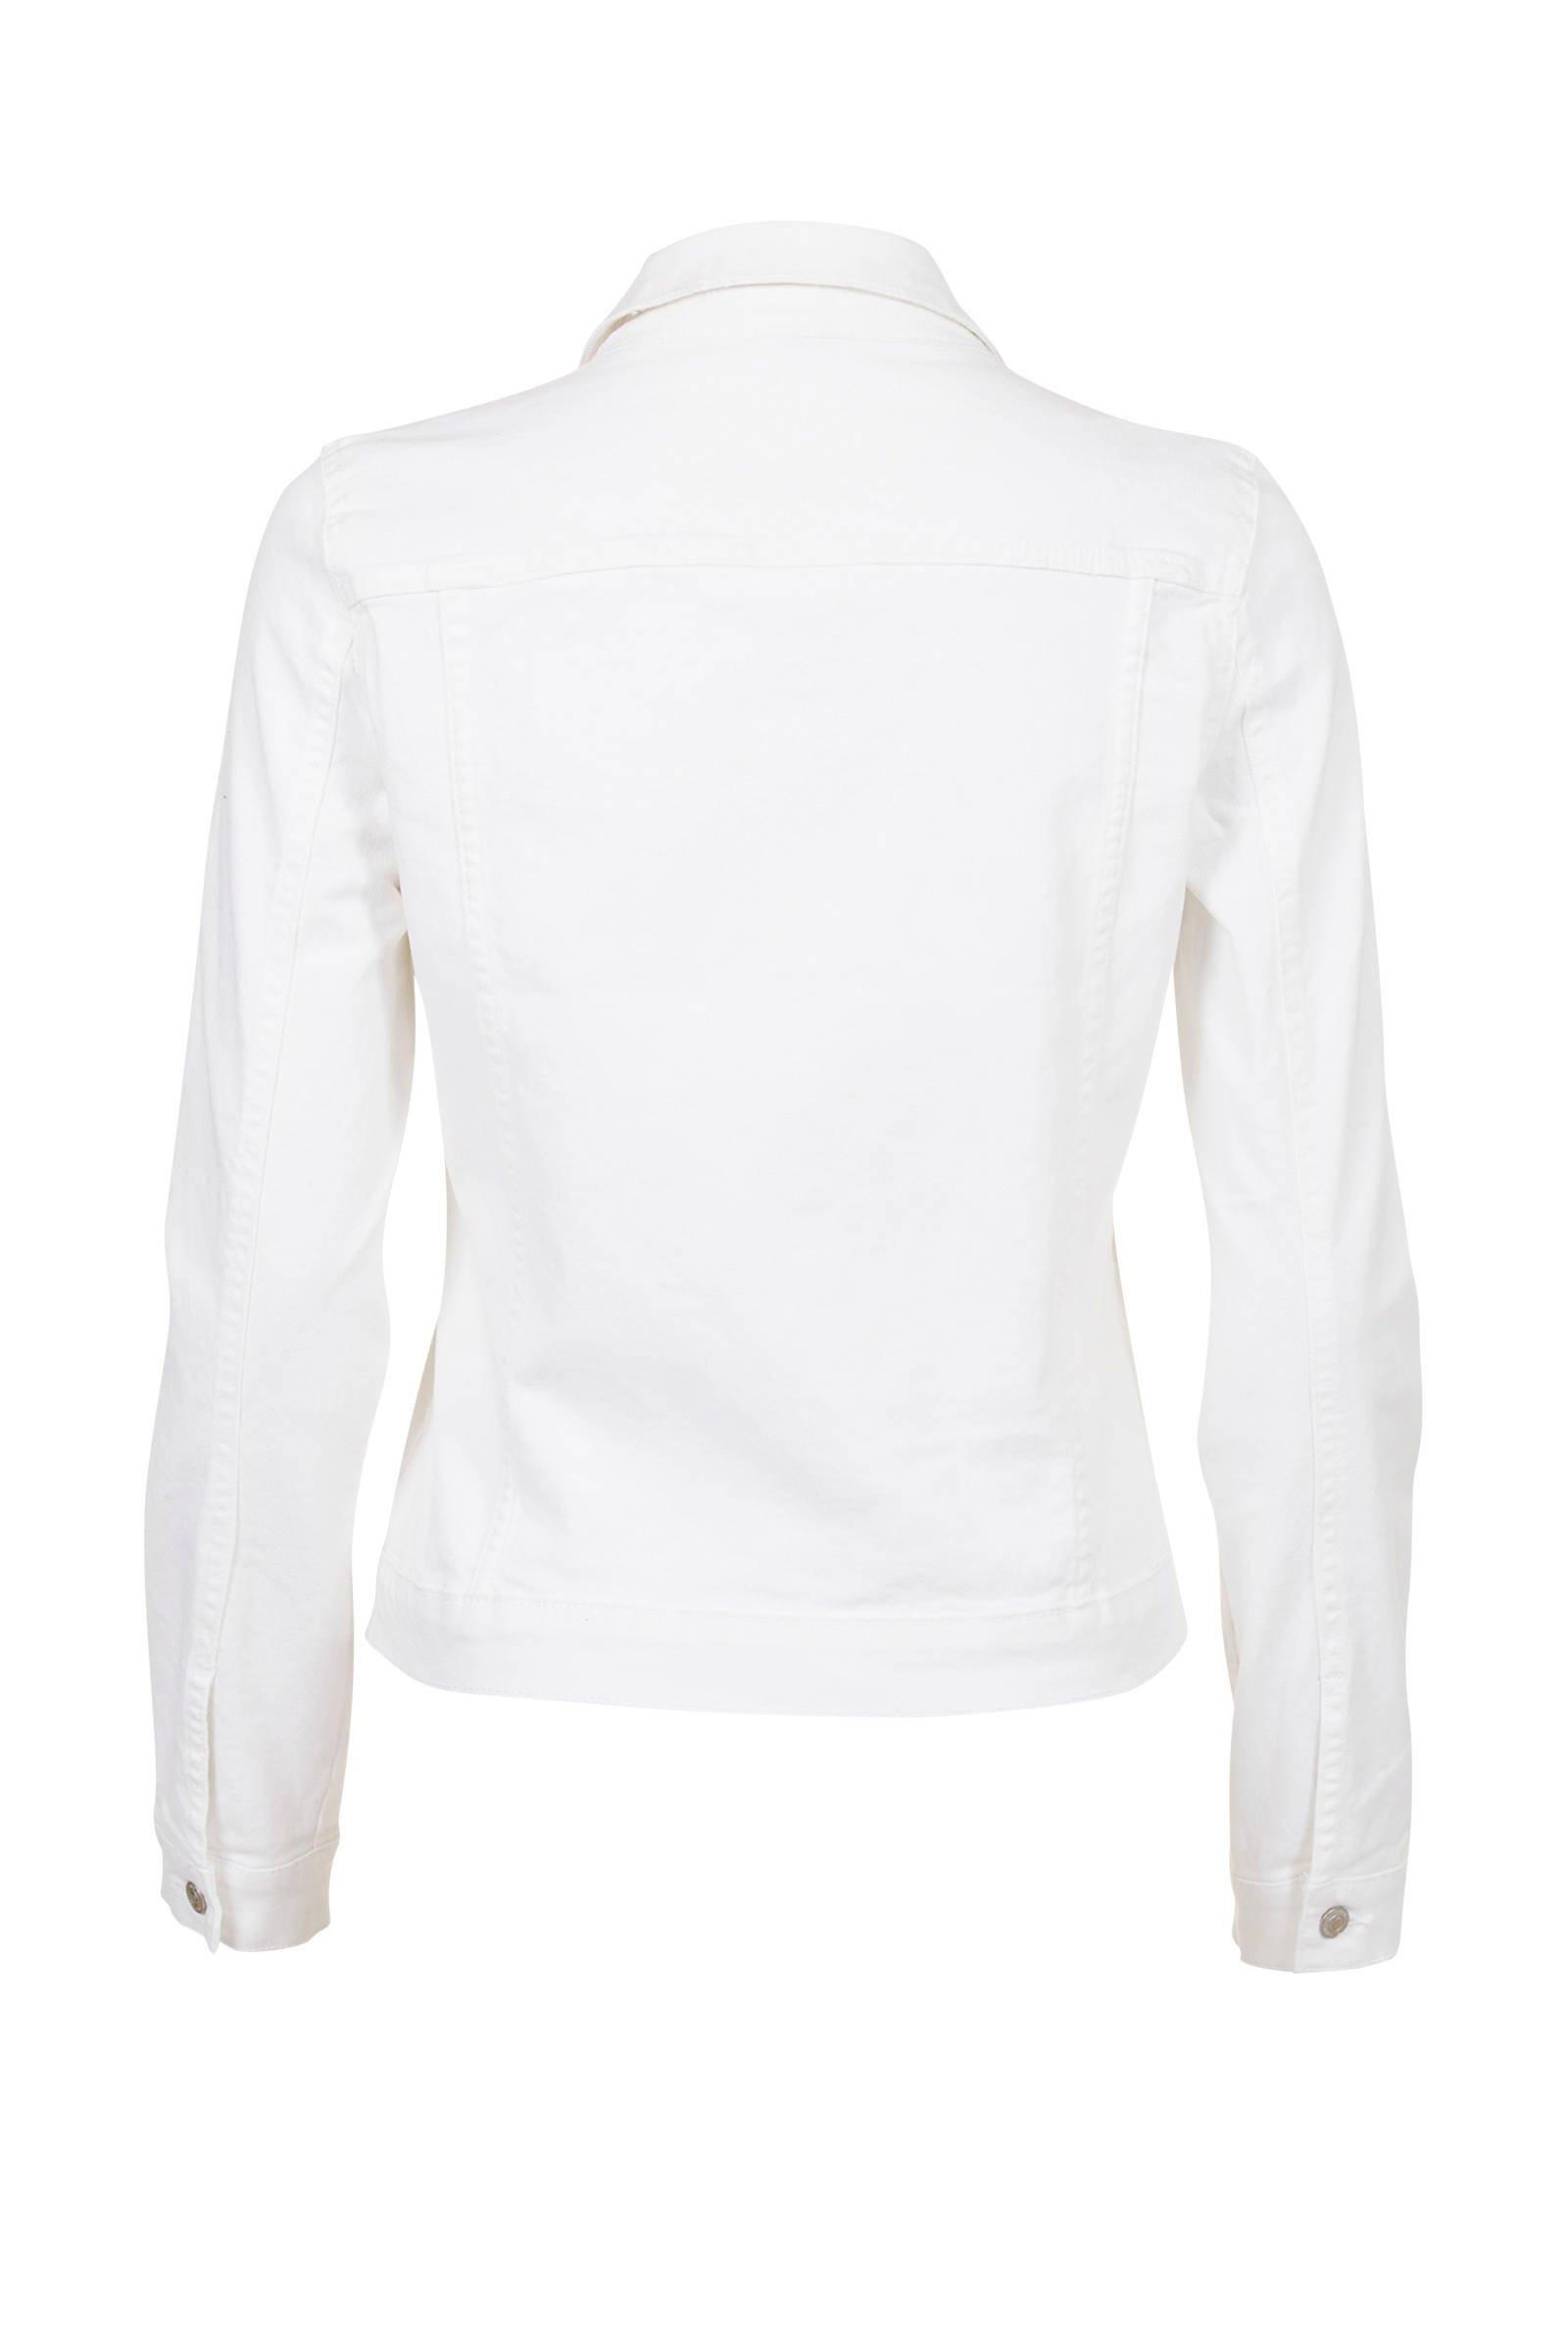 spijkerjasje wit